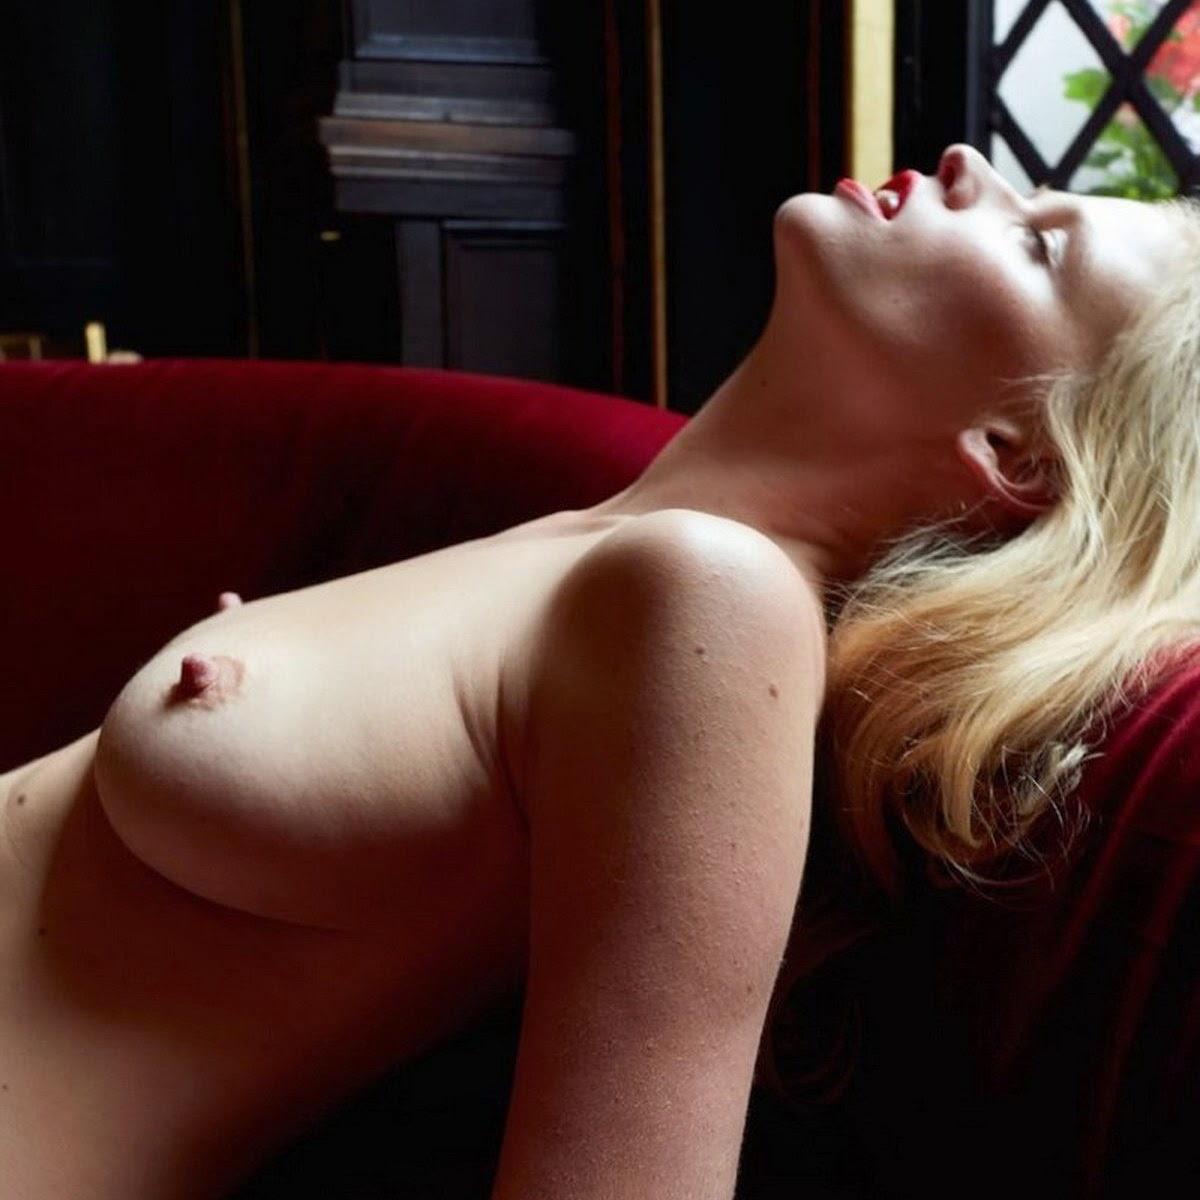 With lara stone nude